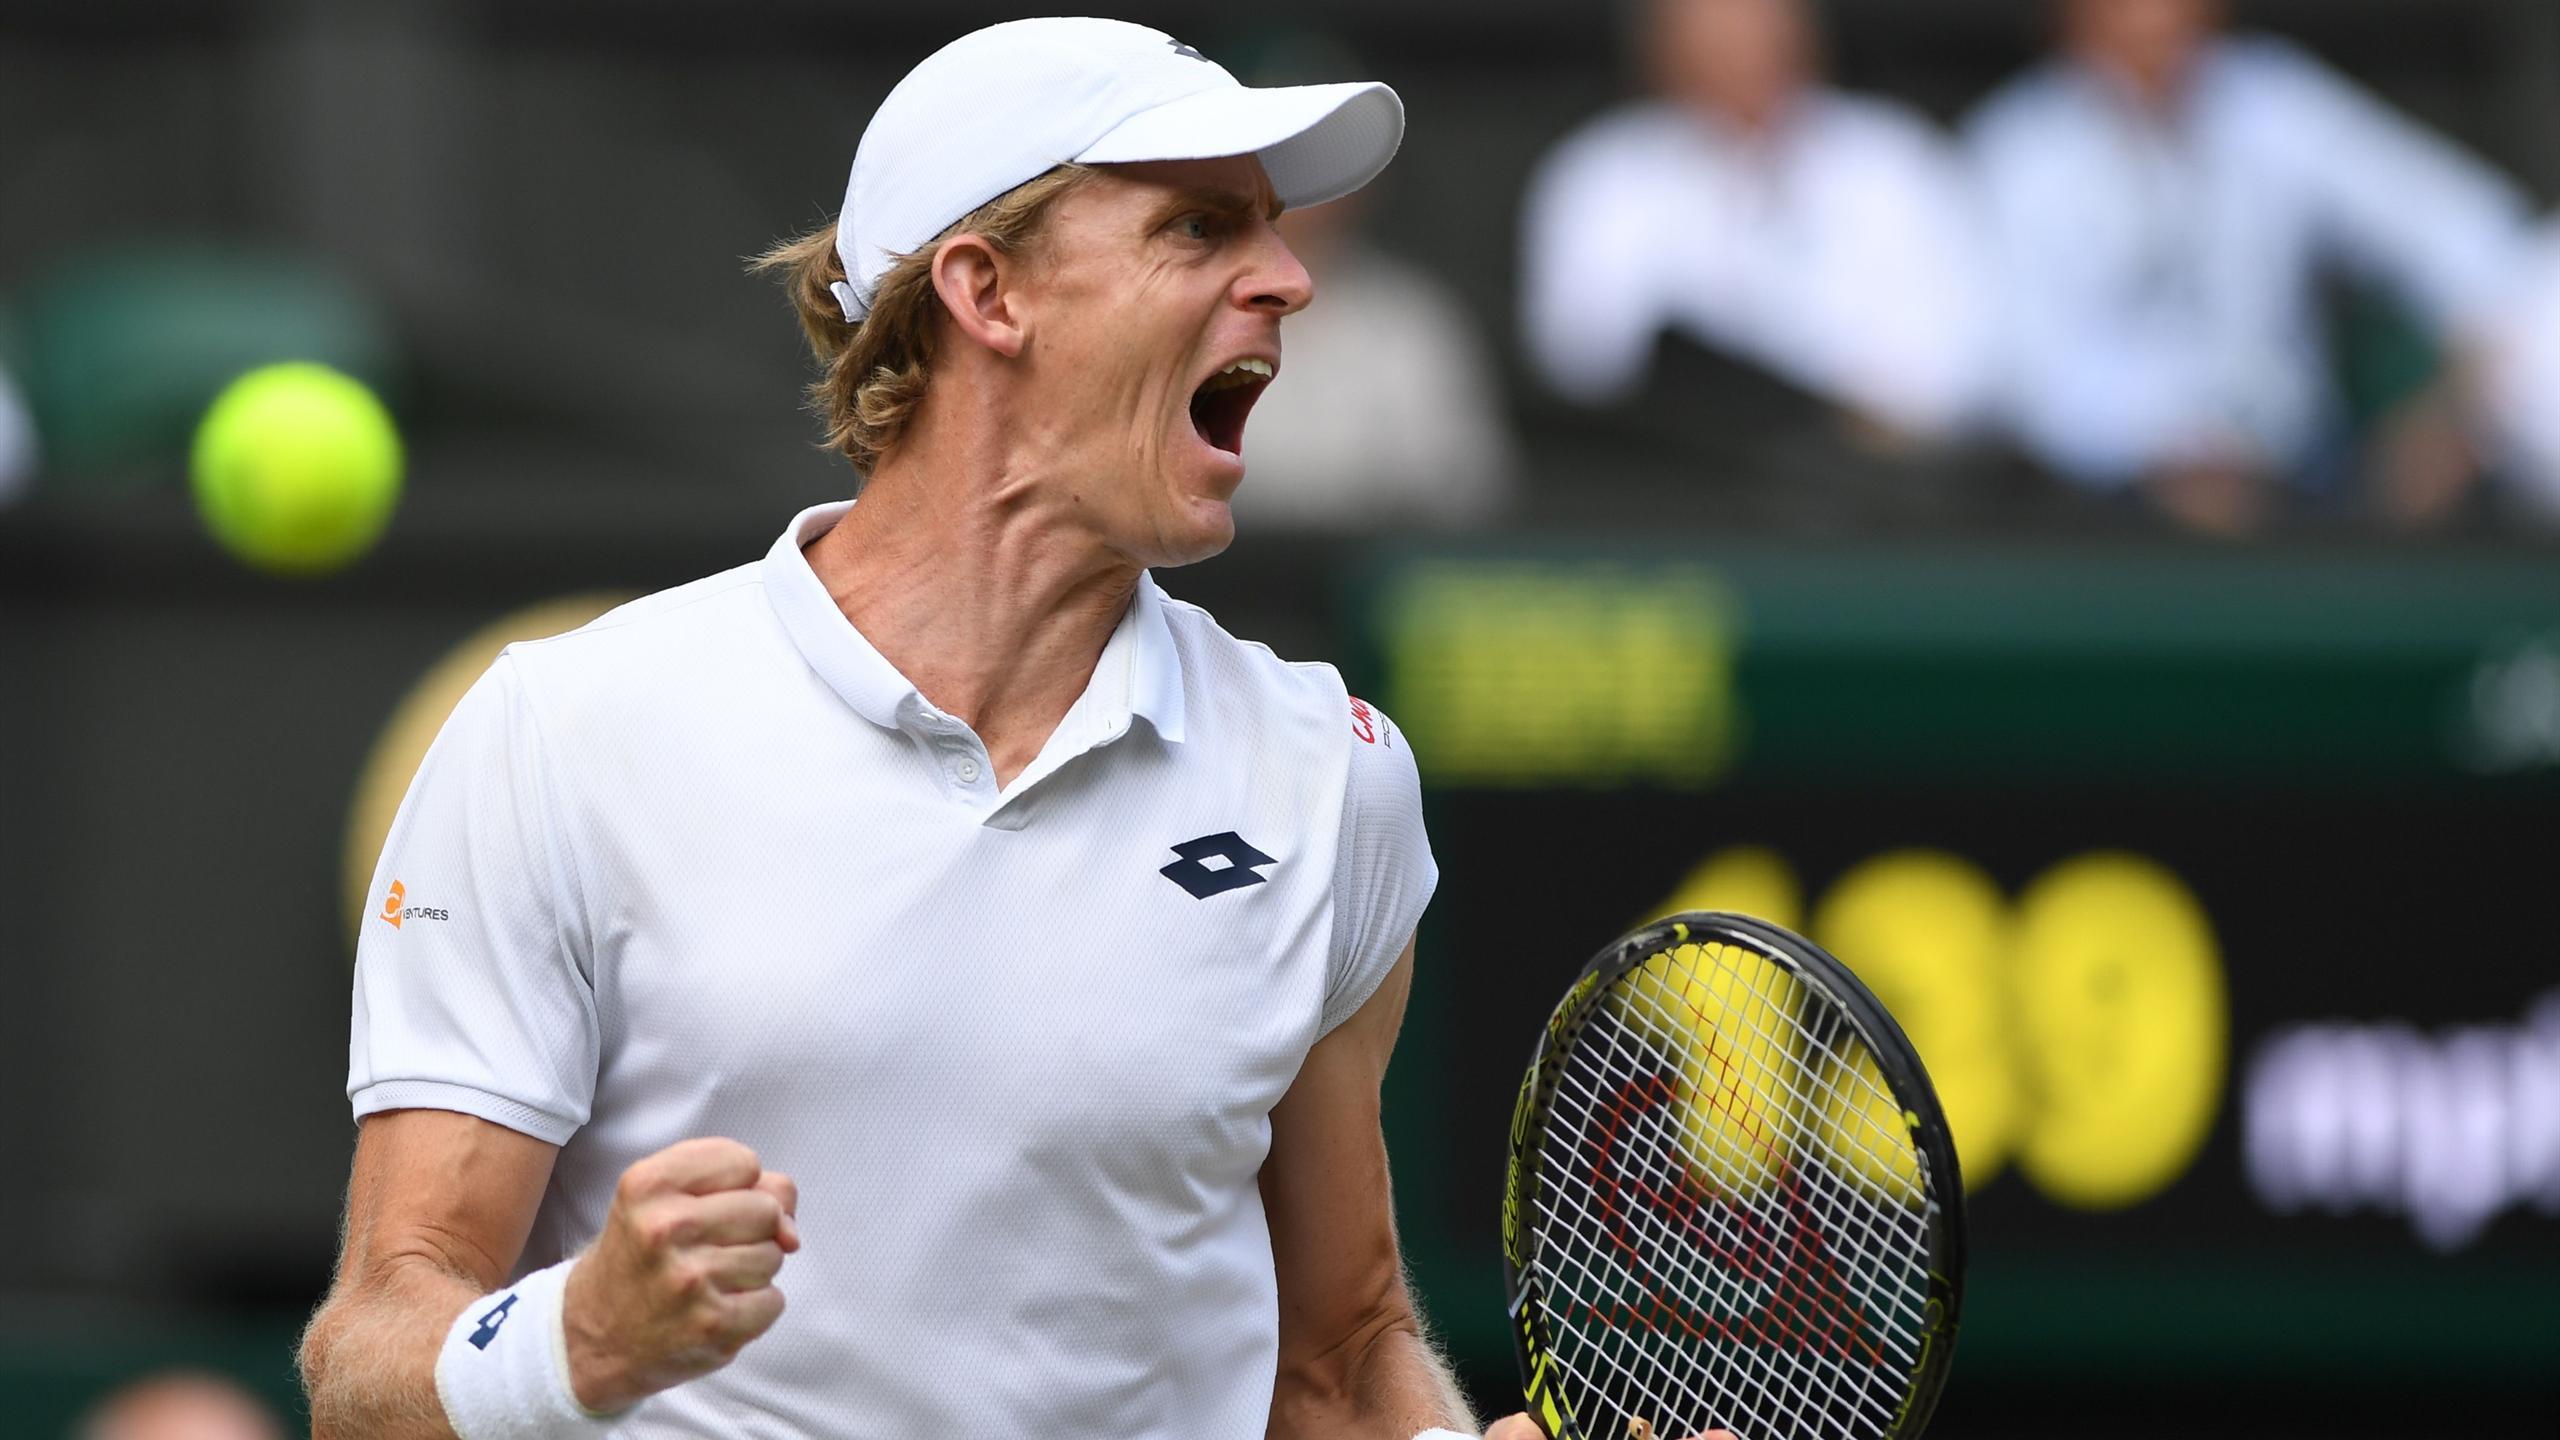 Теннис мужчины roland garros андерсон к робэр с